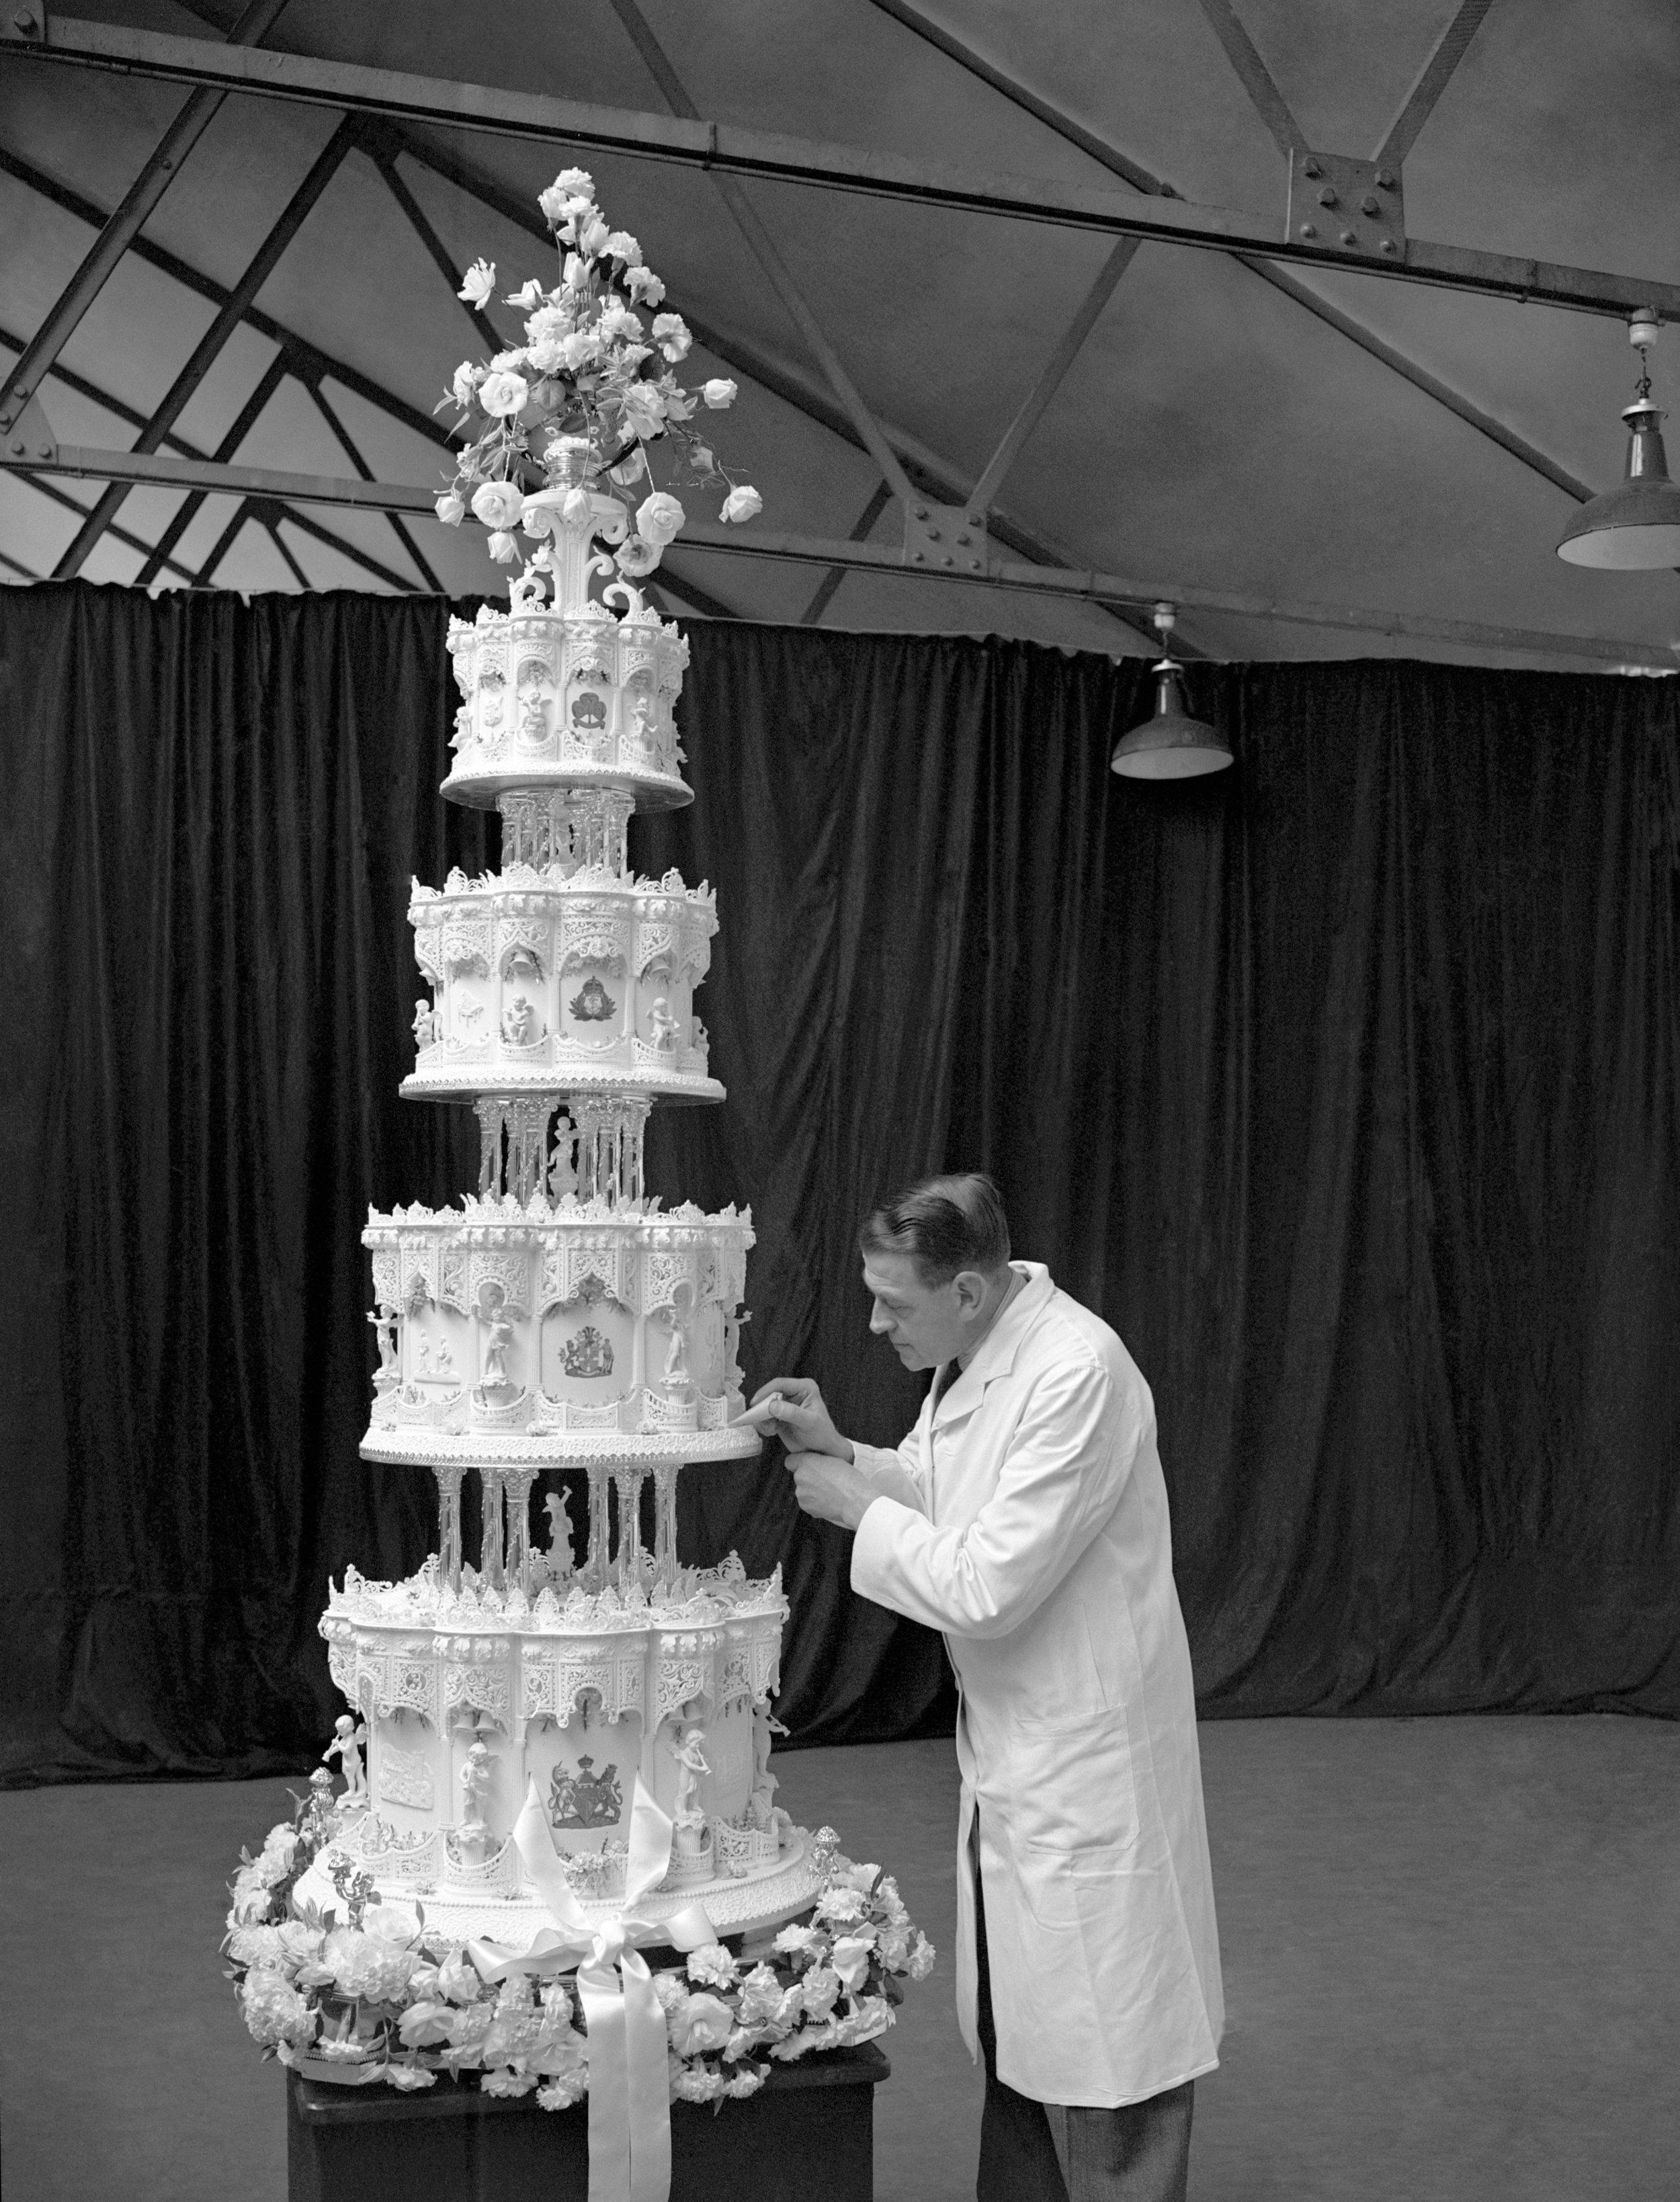 엘리자베스 여왕의결혼식웨딩 케이크를 디자인하고 있는 케이크 디자이너. 1947.